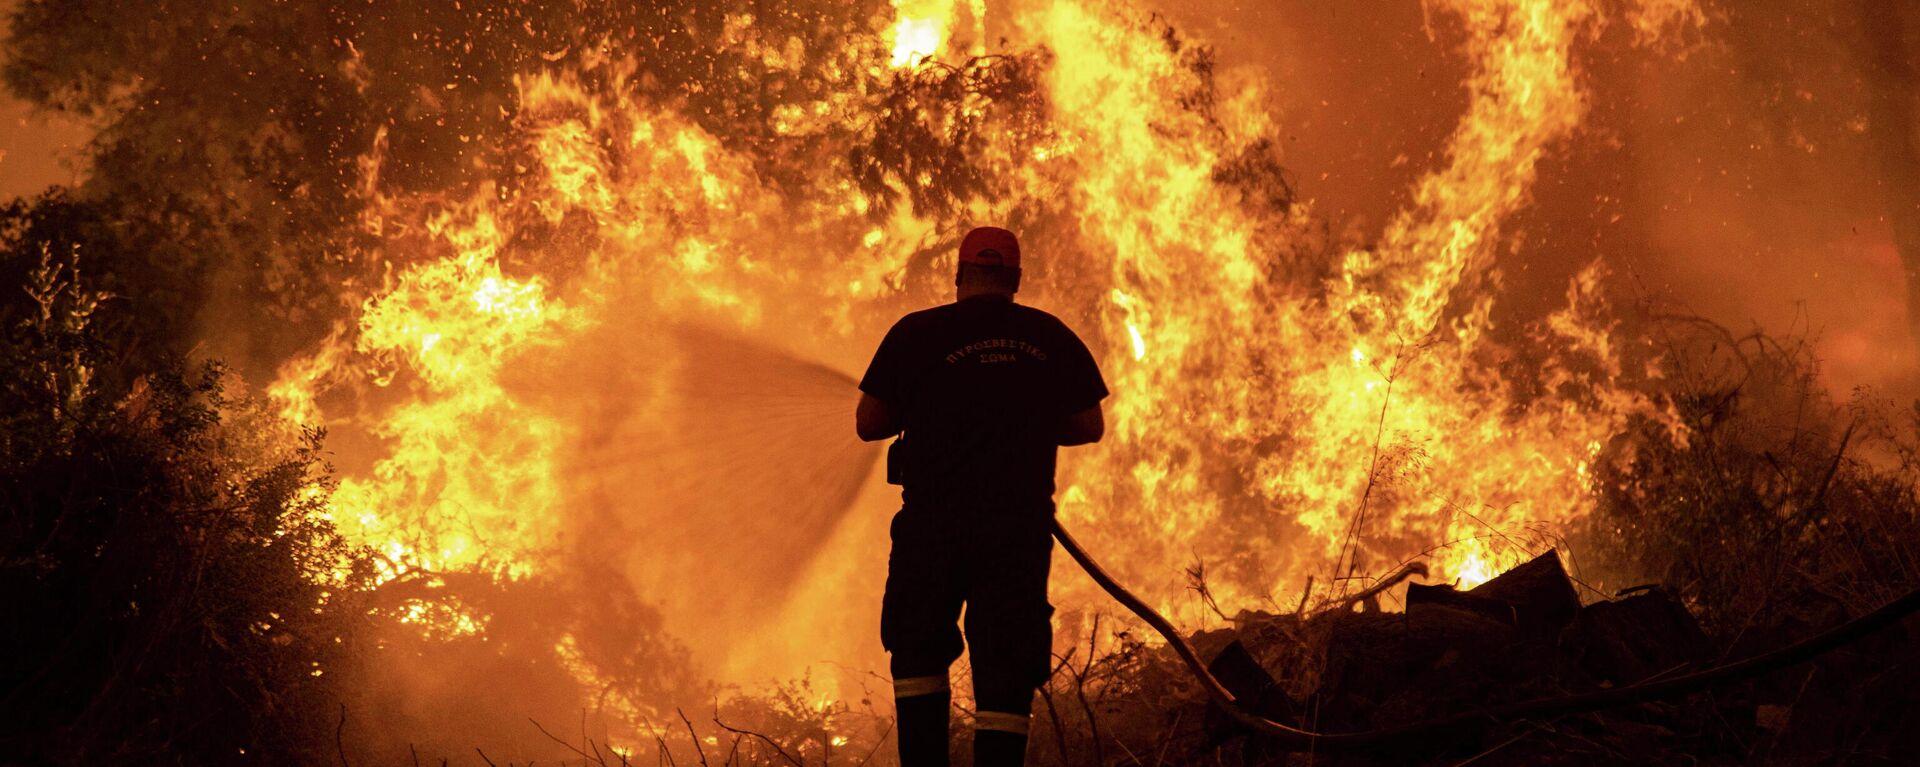 Incendios forestales en Grecia - Sputnik Mundo, 1920, 09.08.2021